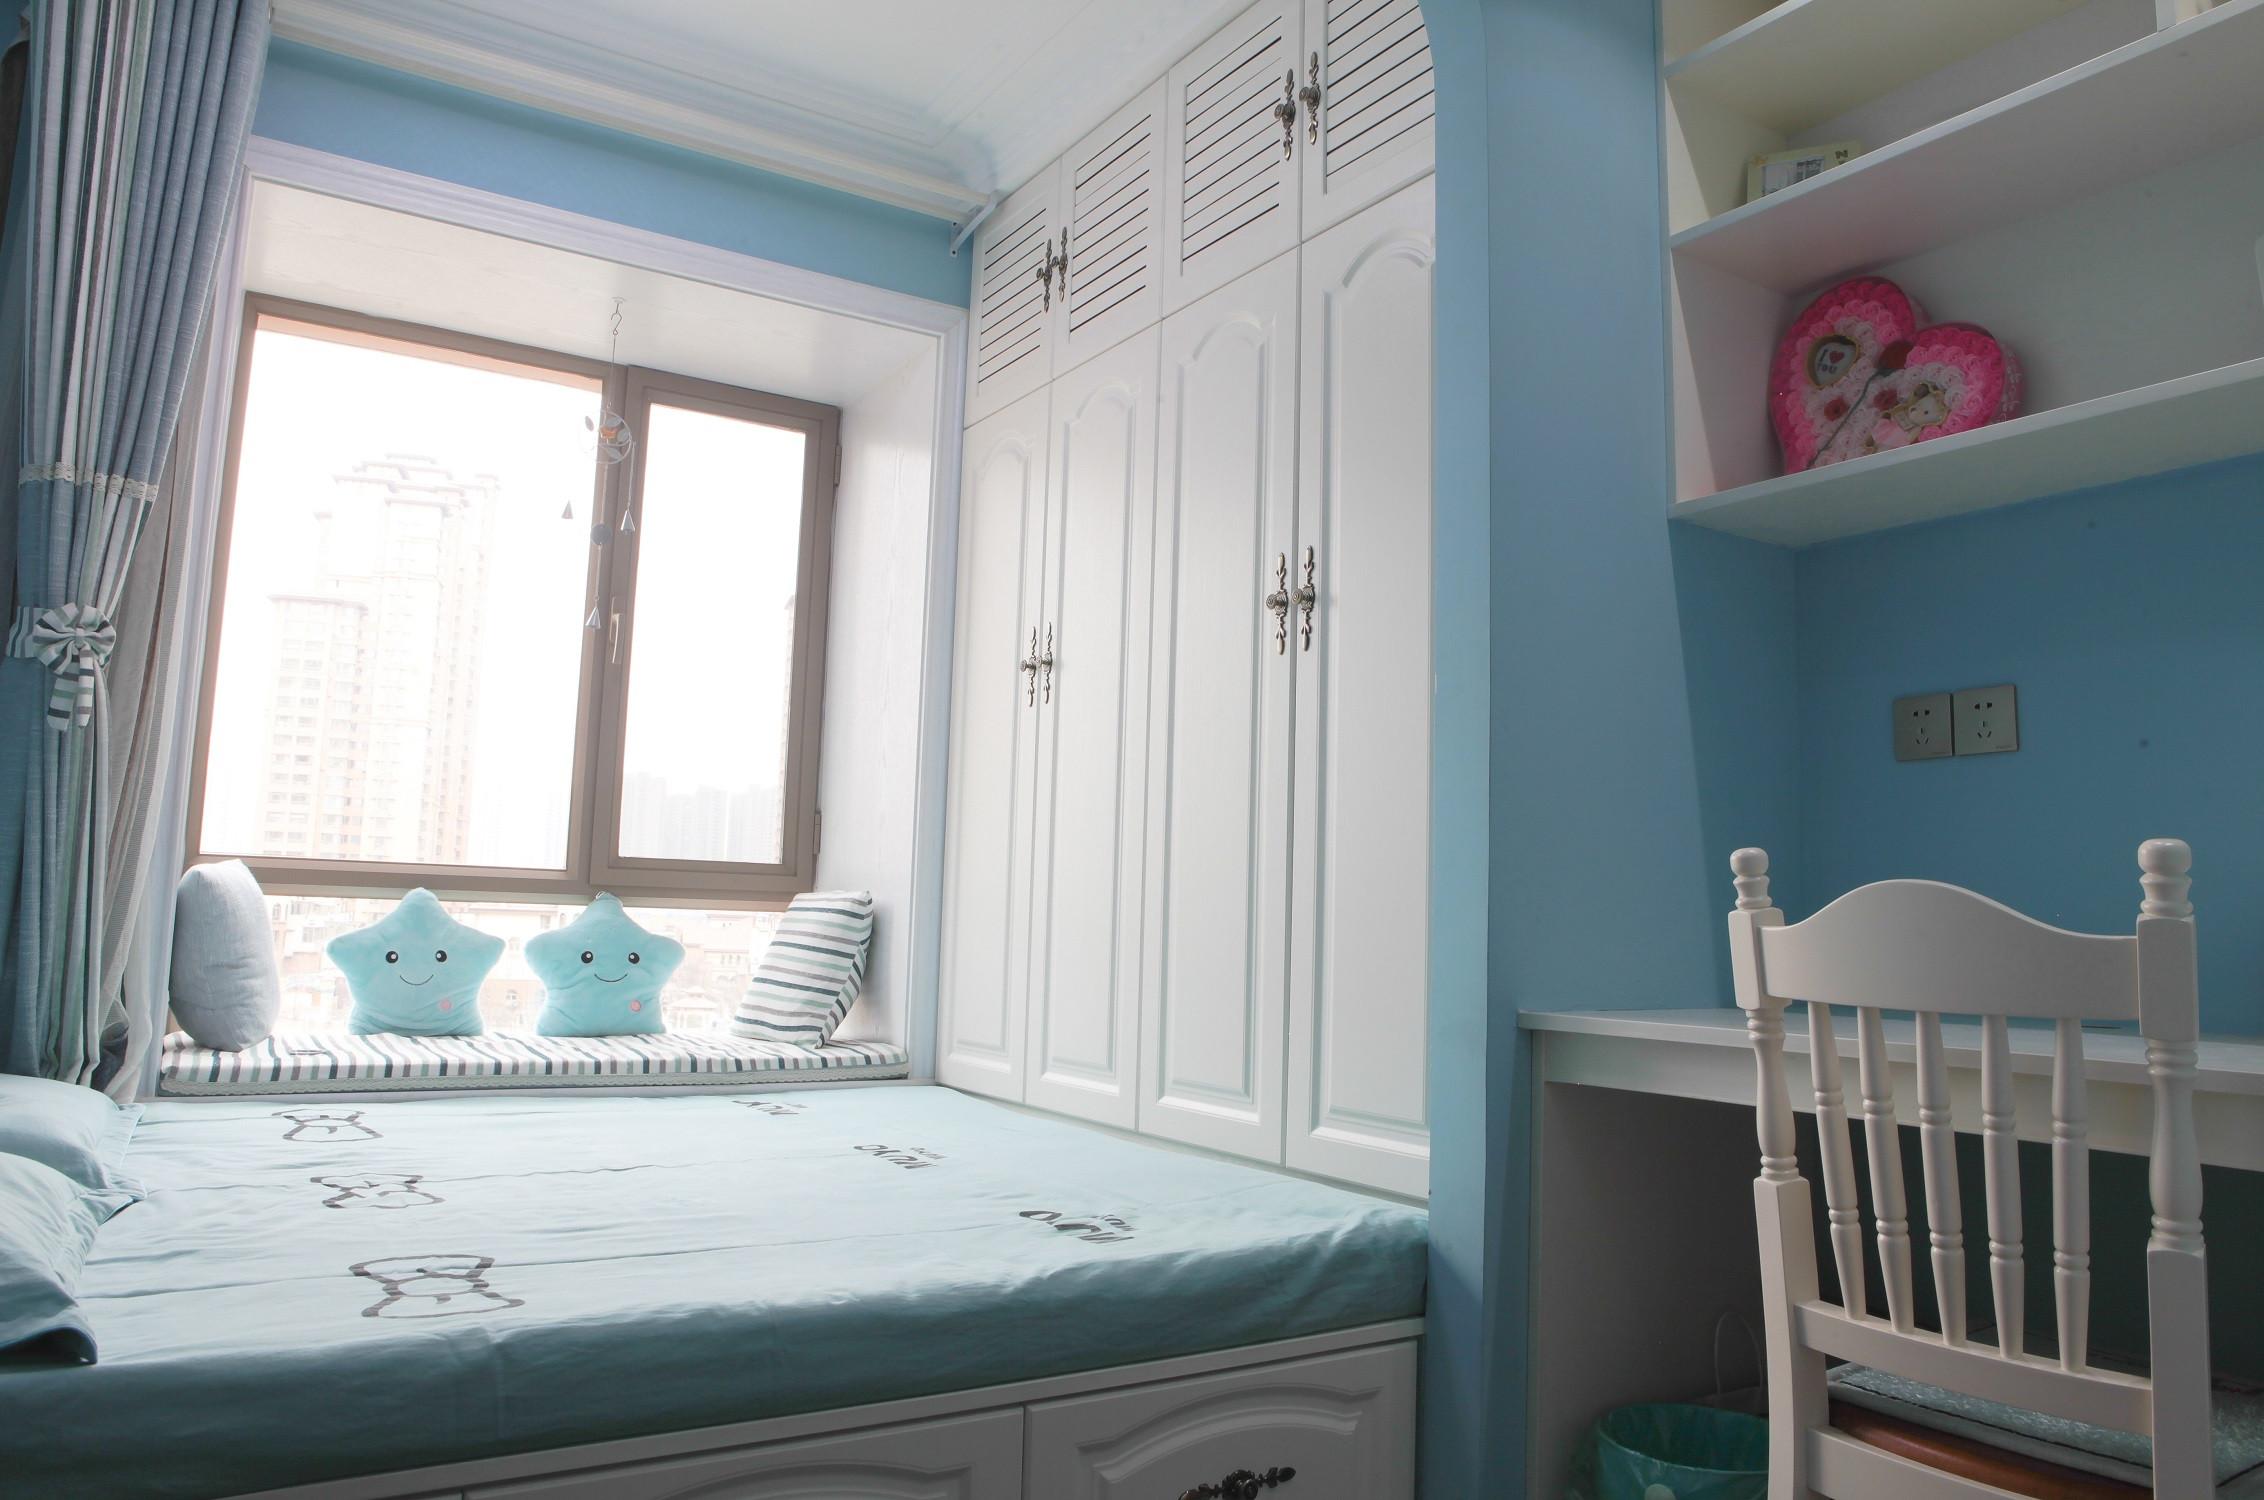 110㎡地中海风格装修卧室设计图